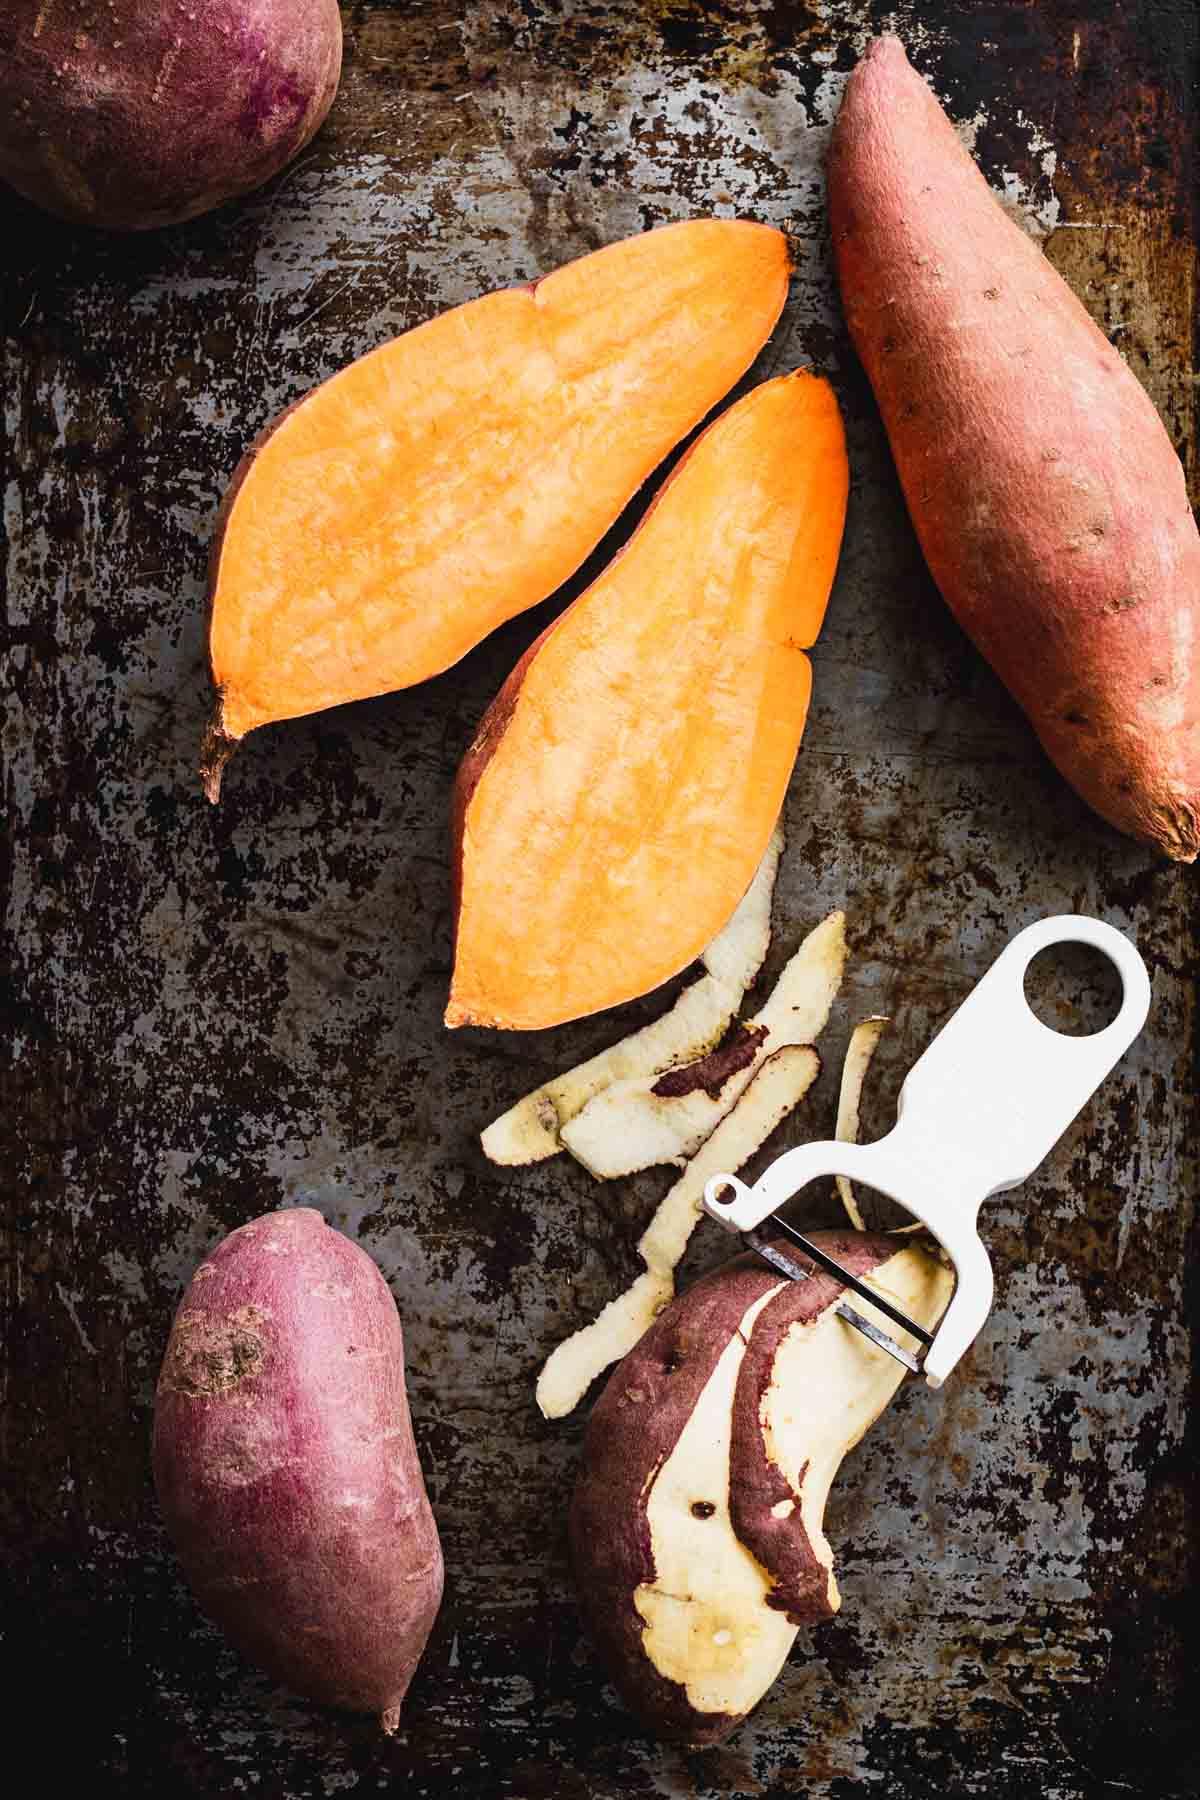 halved orange sweet potato and a peeled white sweet potato.